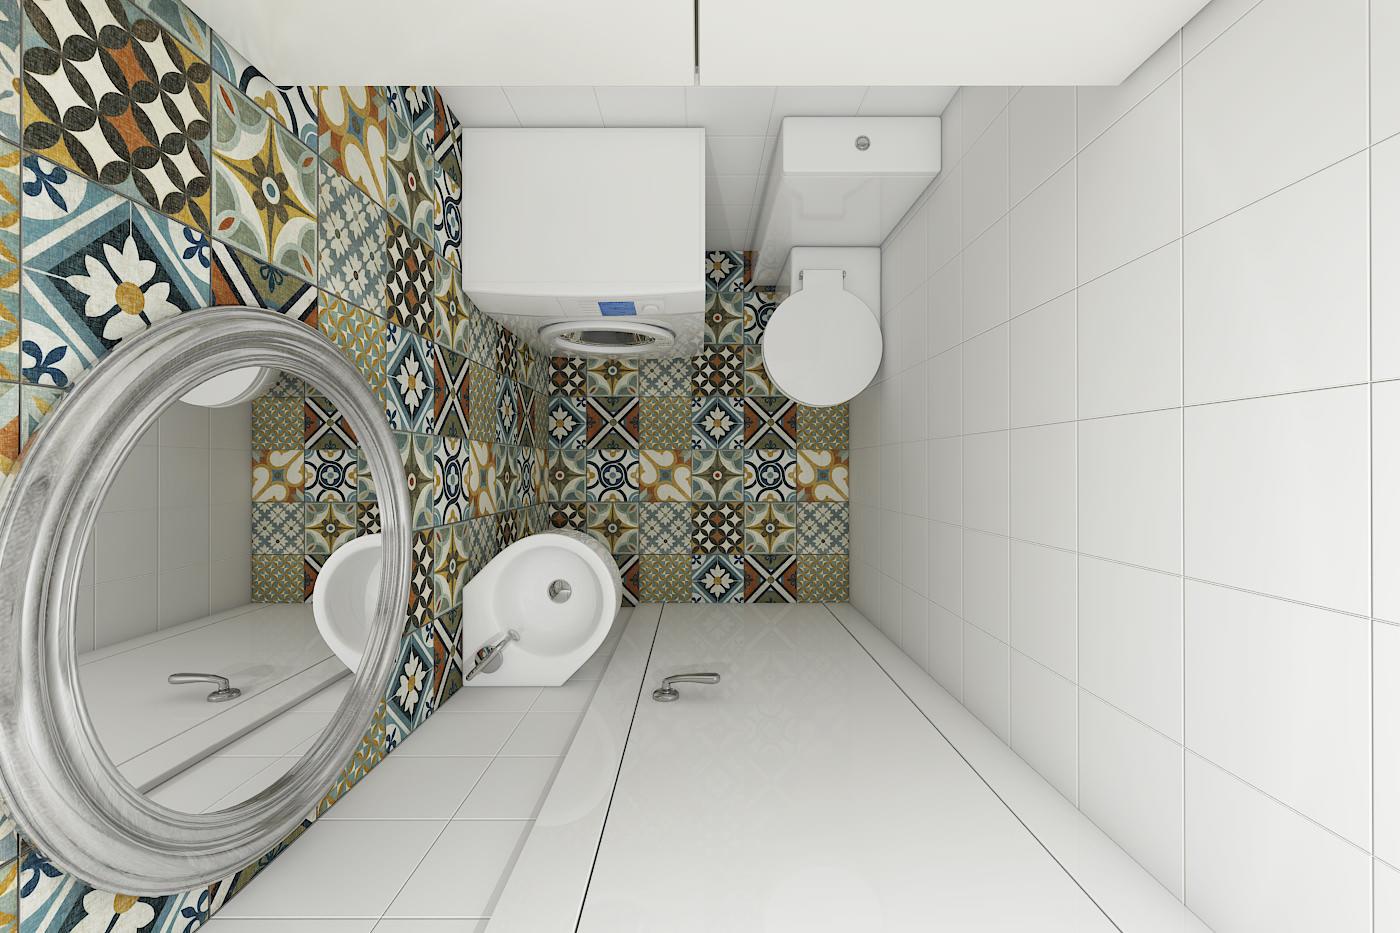 sazdavane-na-dinamichen-i-vedar-interior-v-dvustaen-apartament-60-m-912g